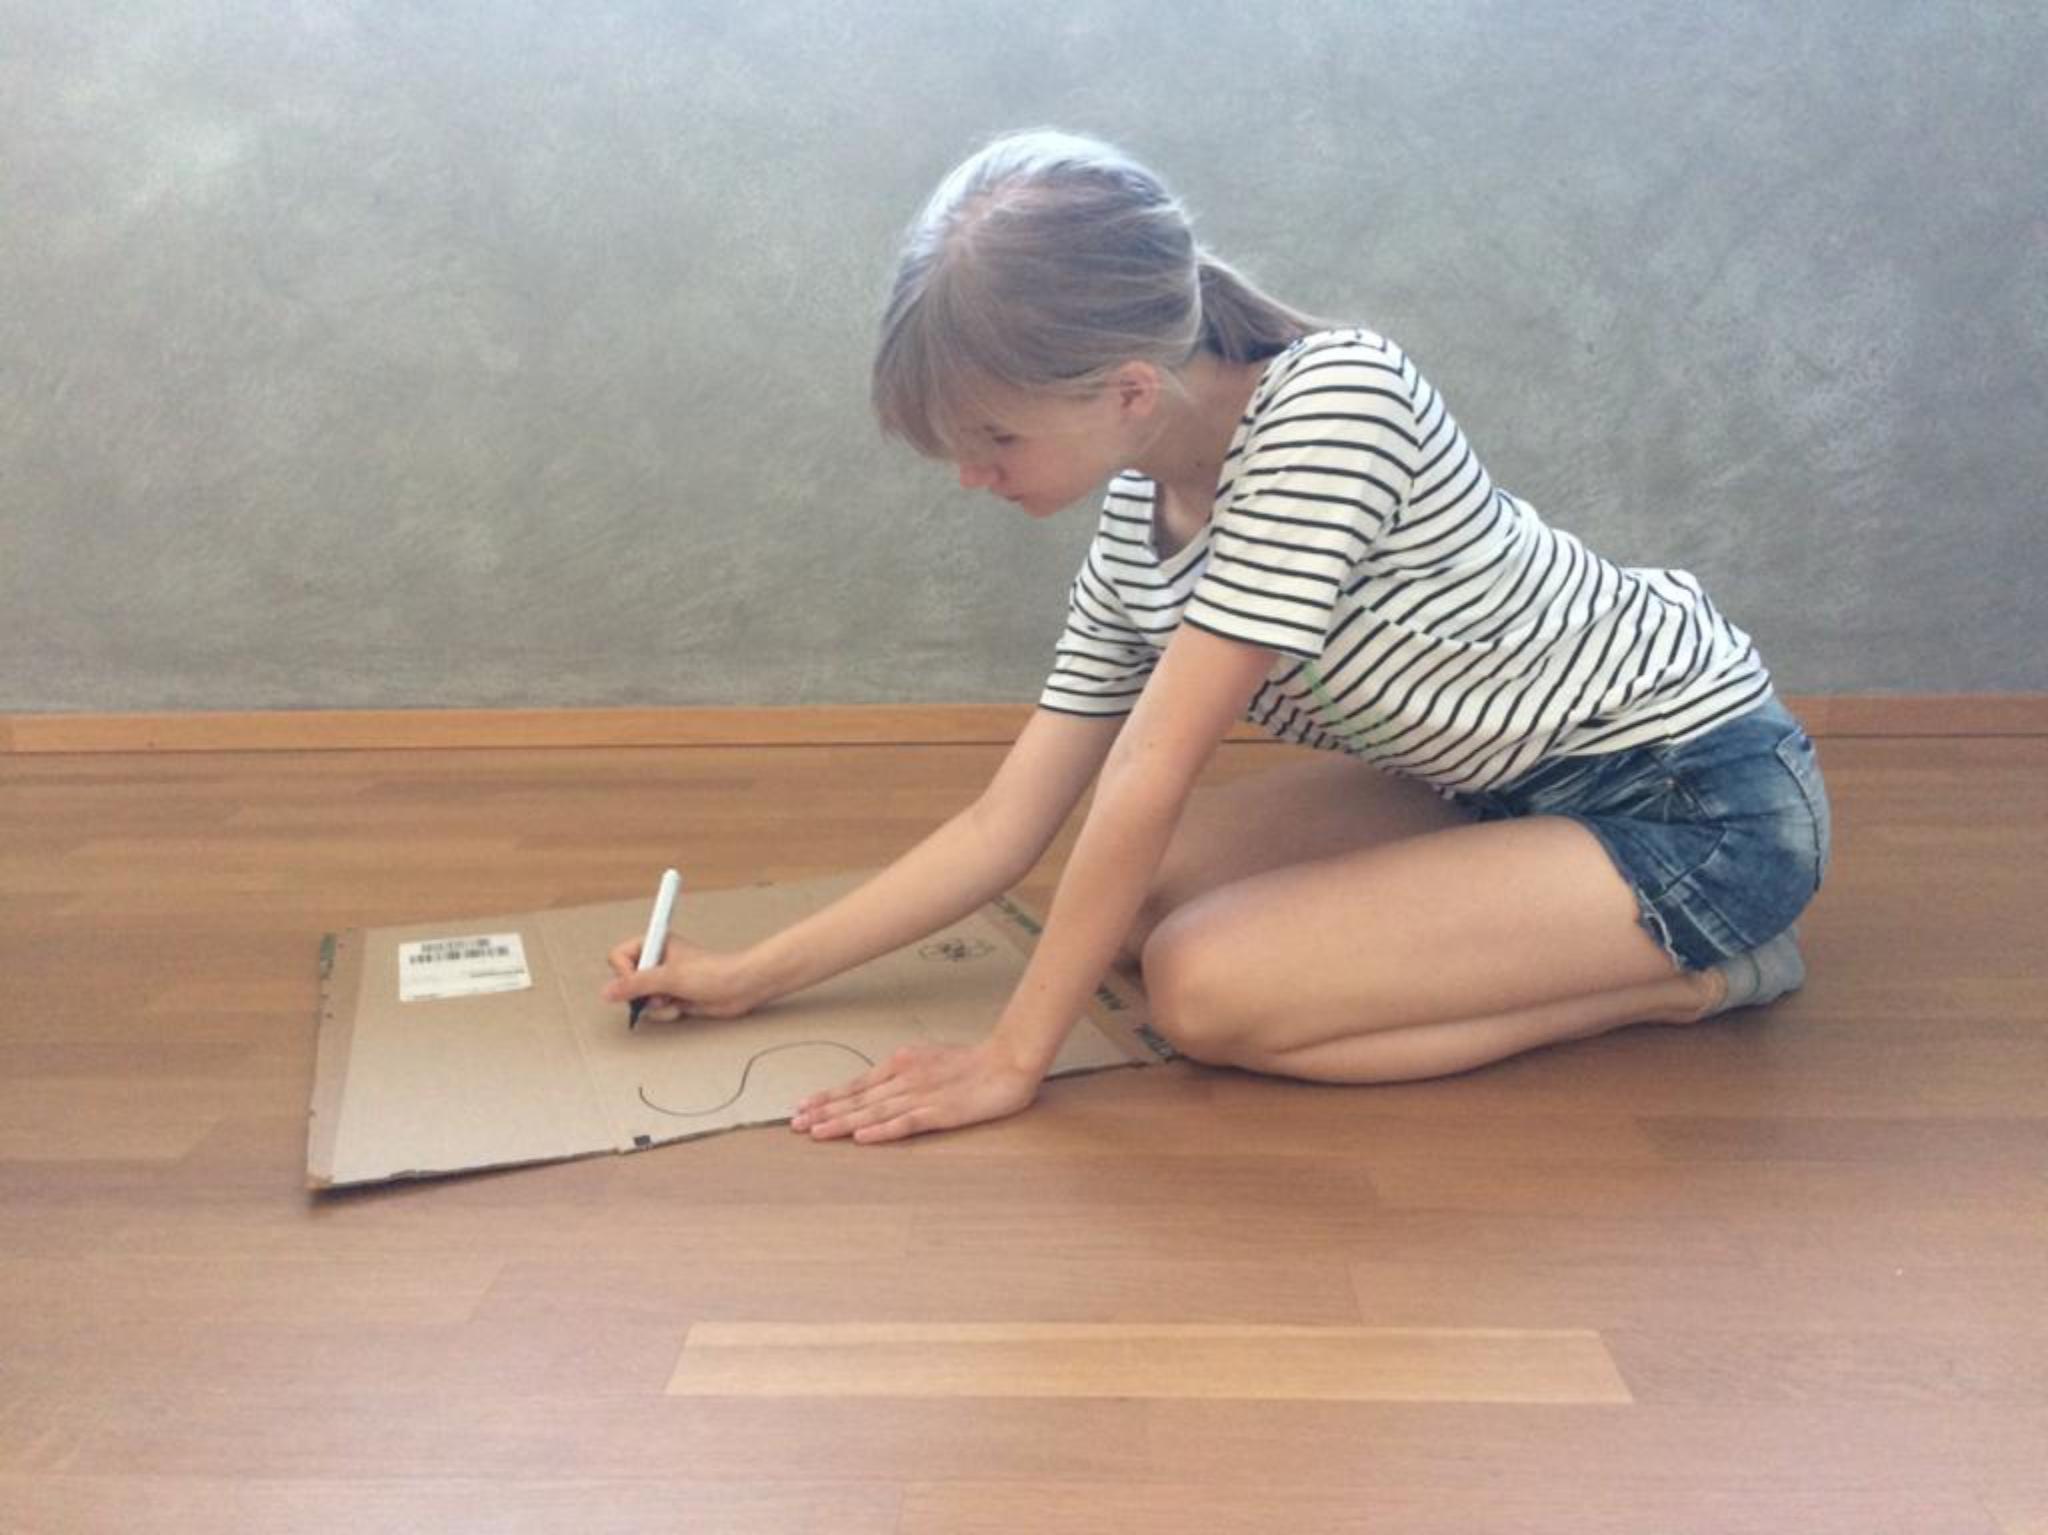 Vorstandsmitglied Lina Schachtel, beim gestalten eines Plakats für eine Aktion. Foto: Schülerladen Würzburg